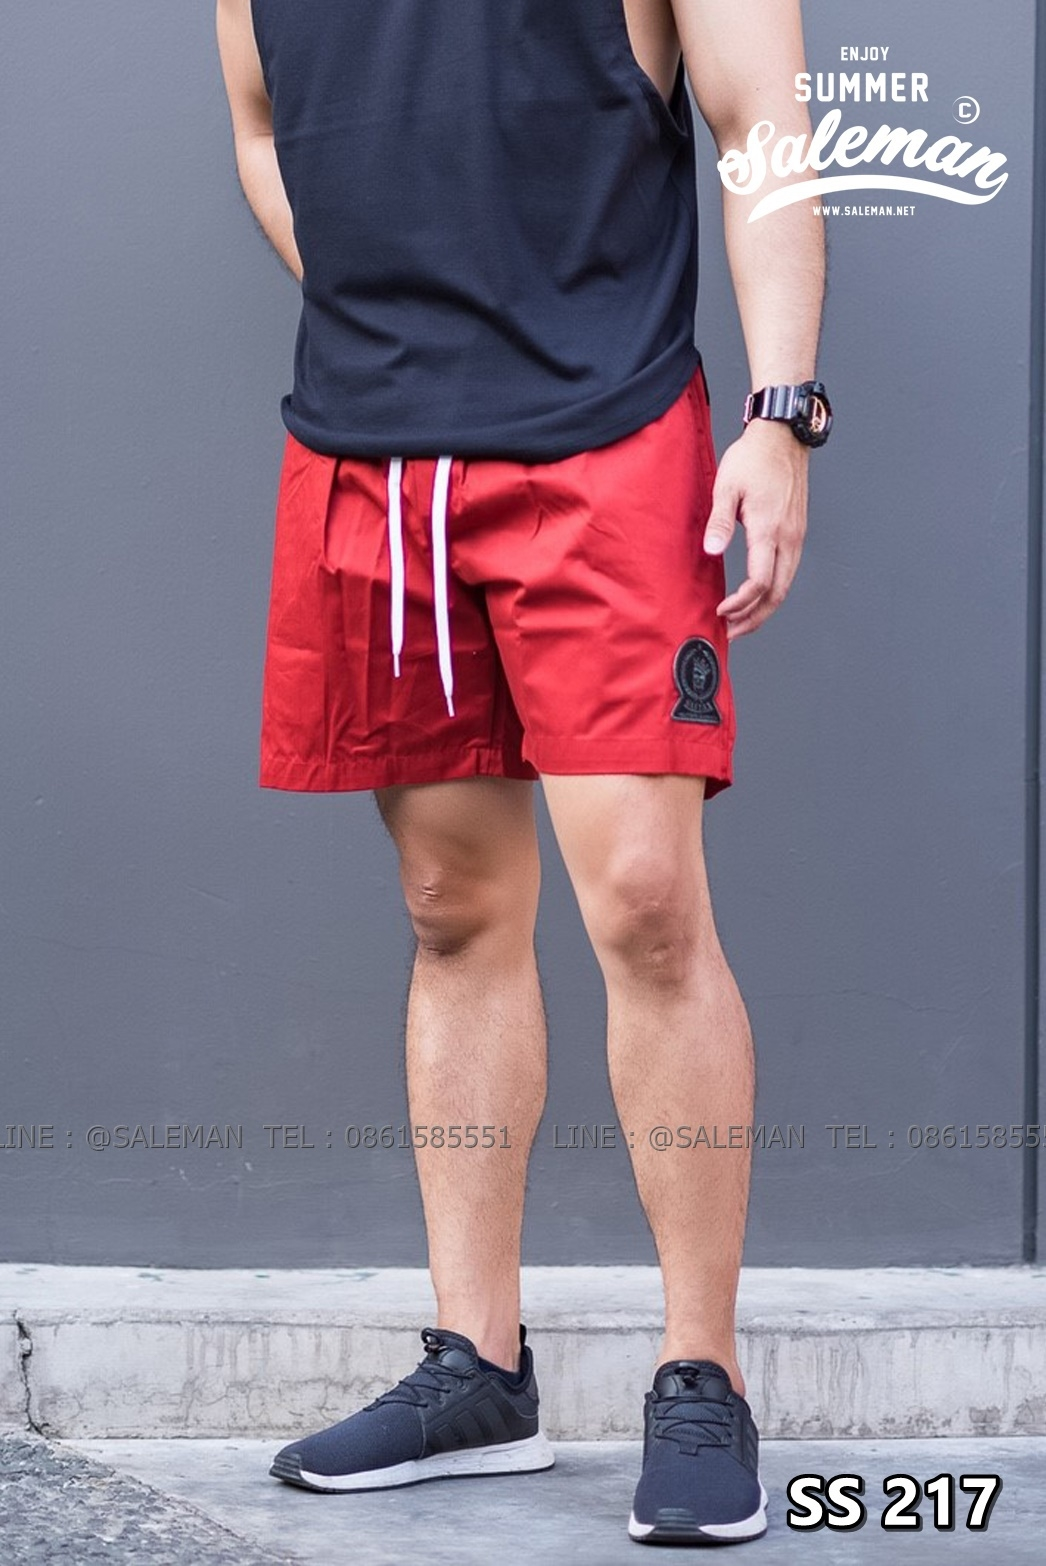 กางเกงขาสั้น พรีเมี่ยม ผ้า COTTON รหัส SS 217 สีแดง